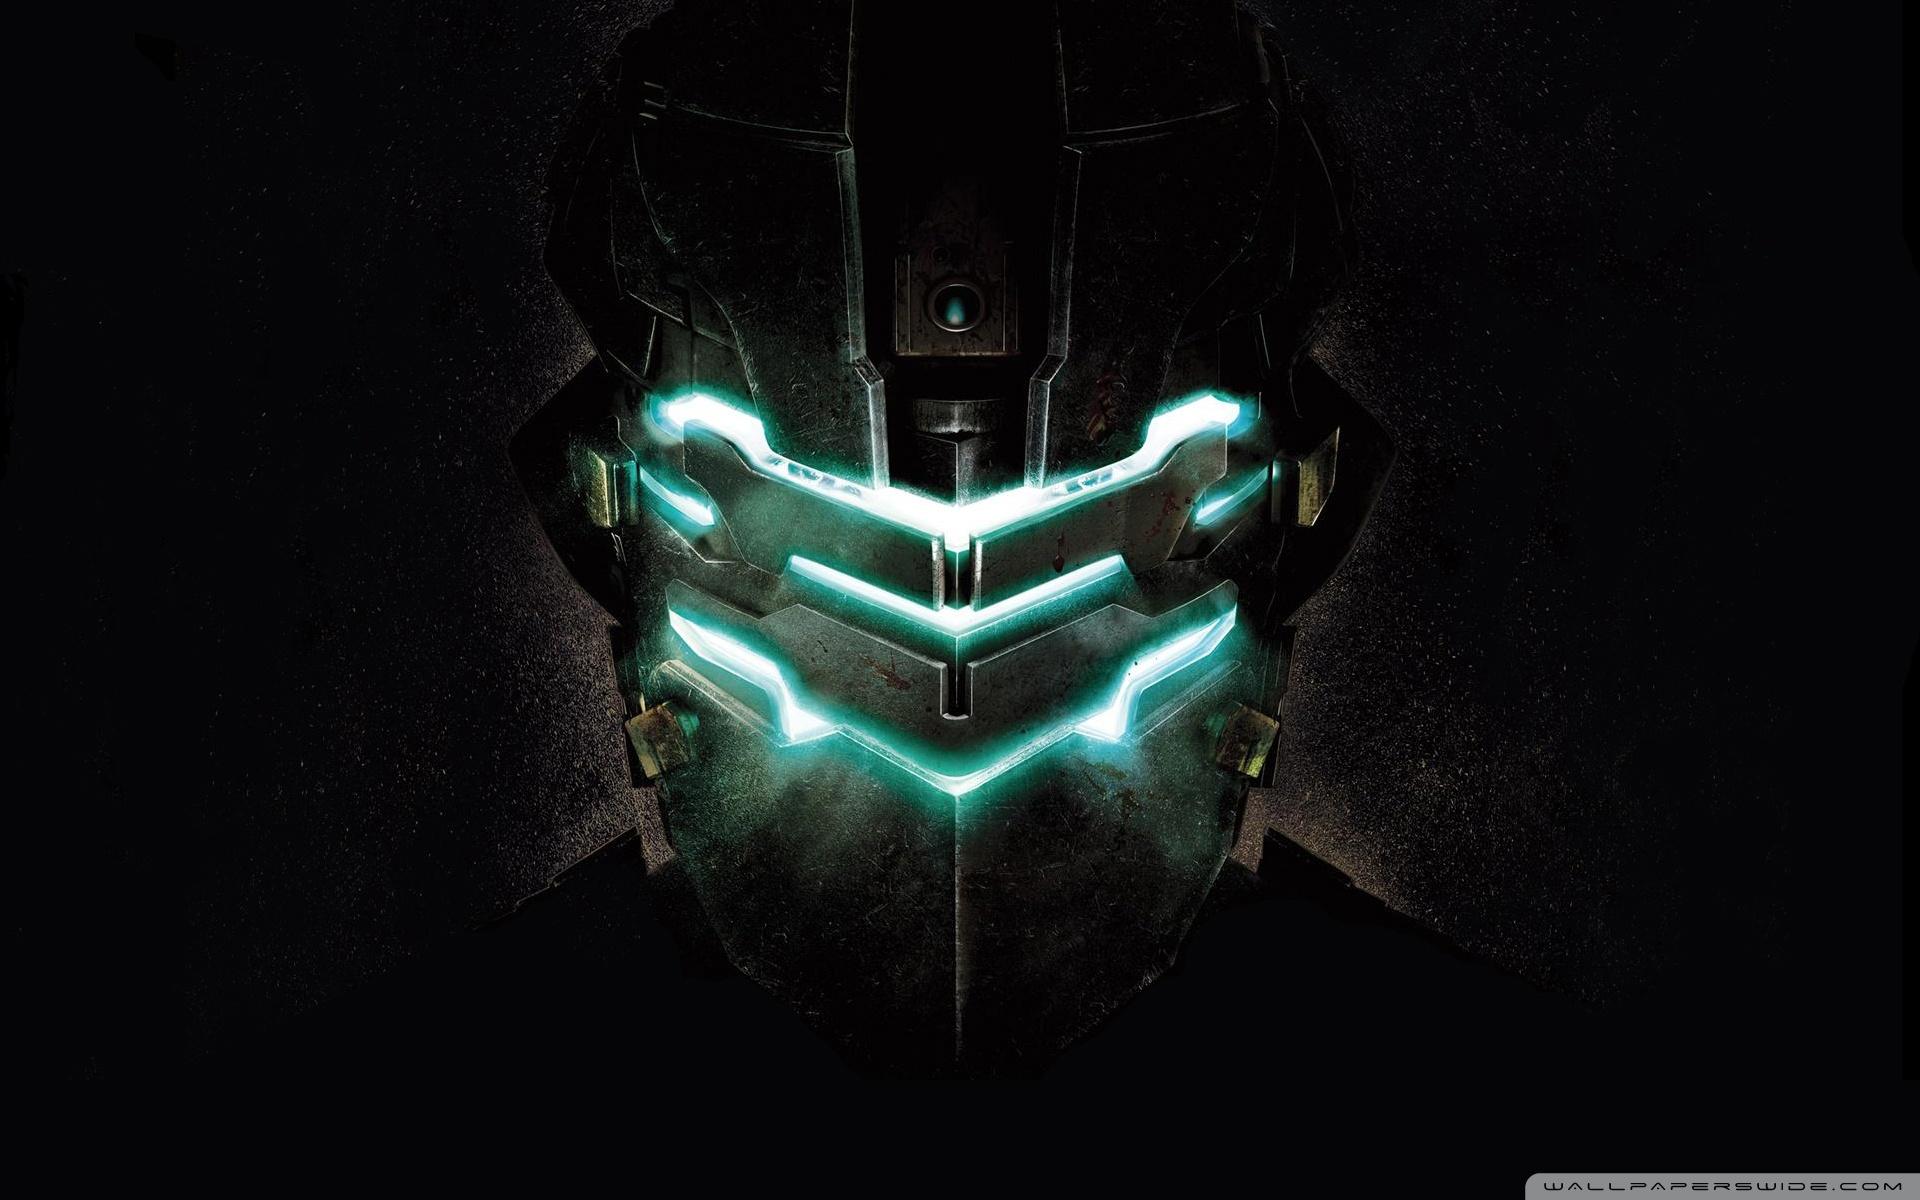 EA habla sobre los desafios para innovar en Dead Space 3